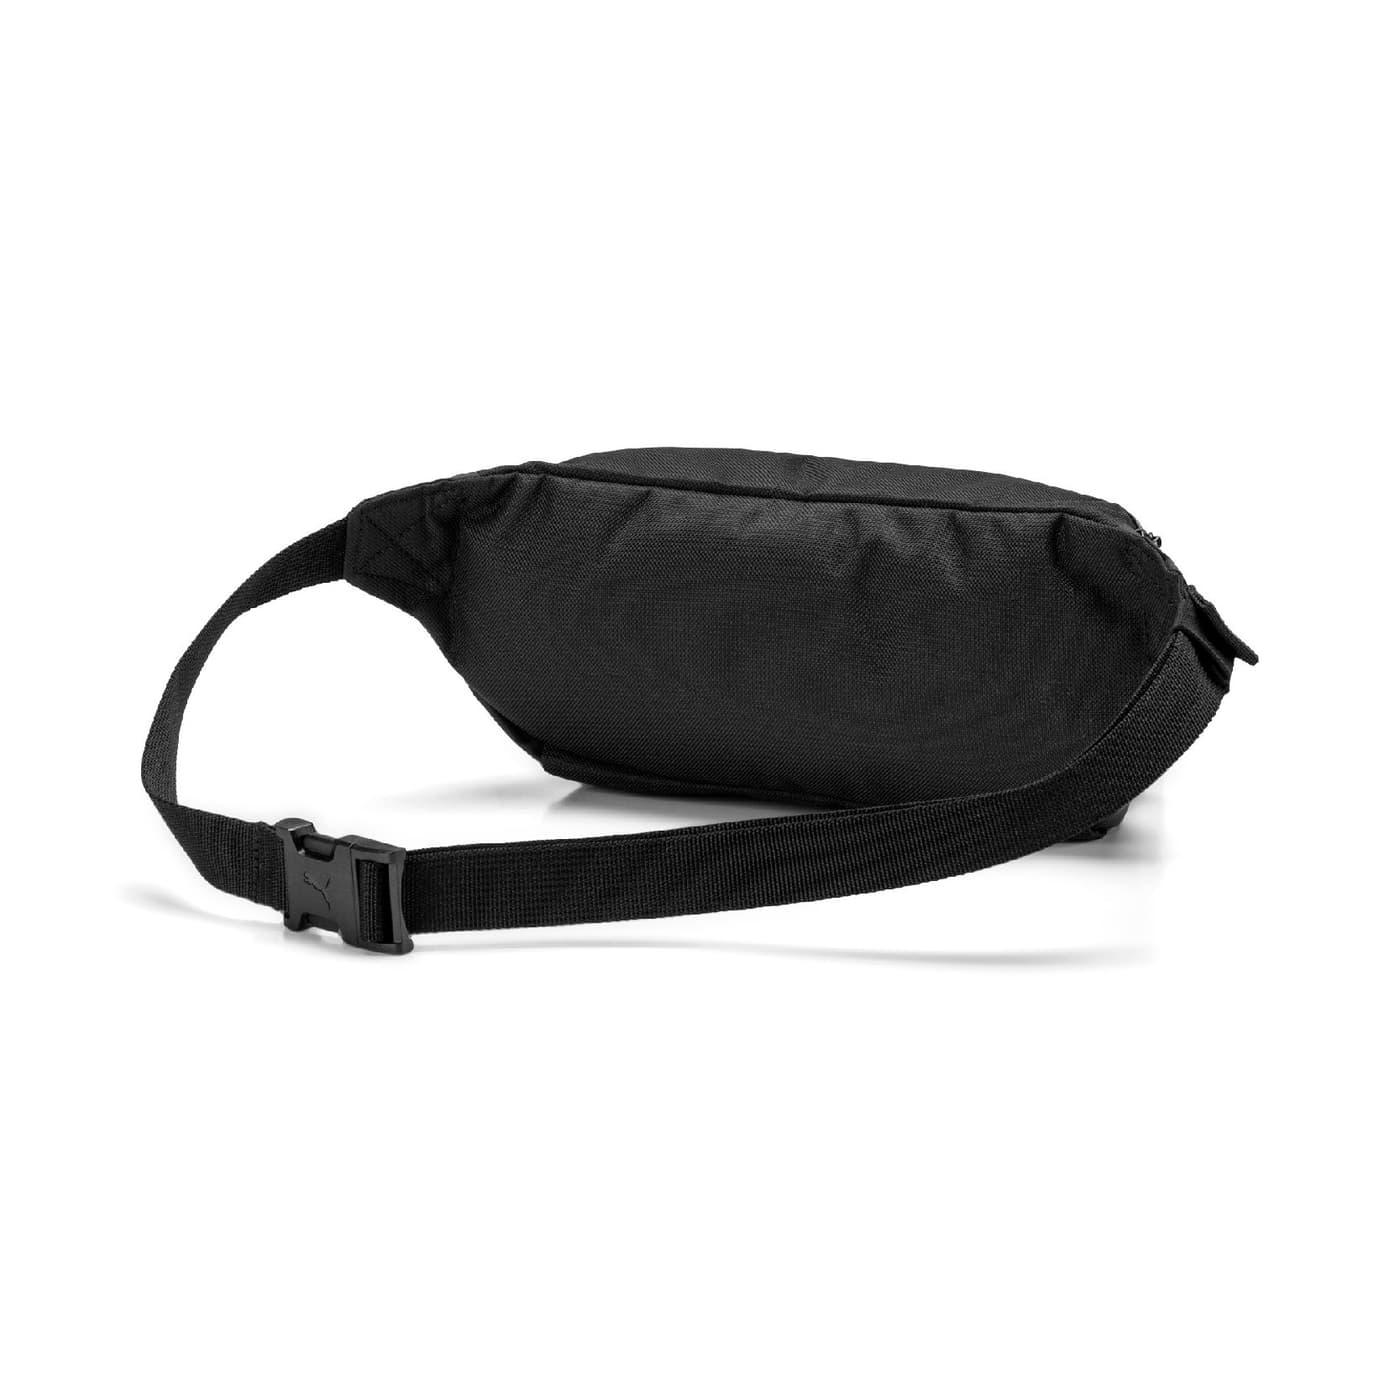 c2c0d0a6f10bc ... Puma Academy Small Waist Bag Bauchtasche